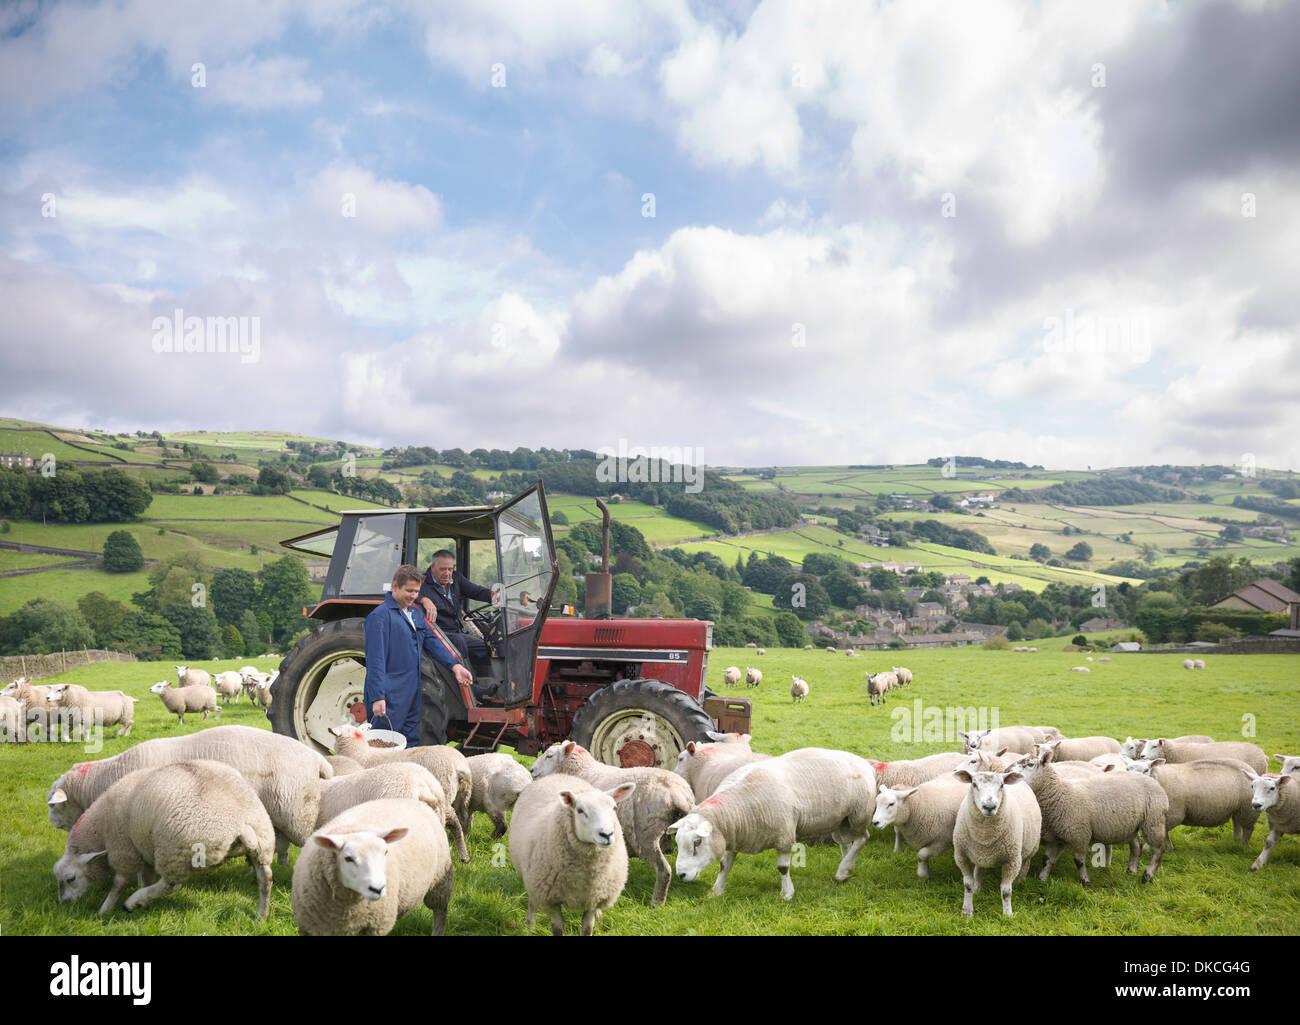 Granjero en tractor con hijo viendo las ovejas en el campo Imagen De Stock